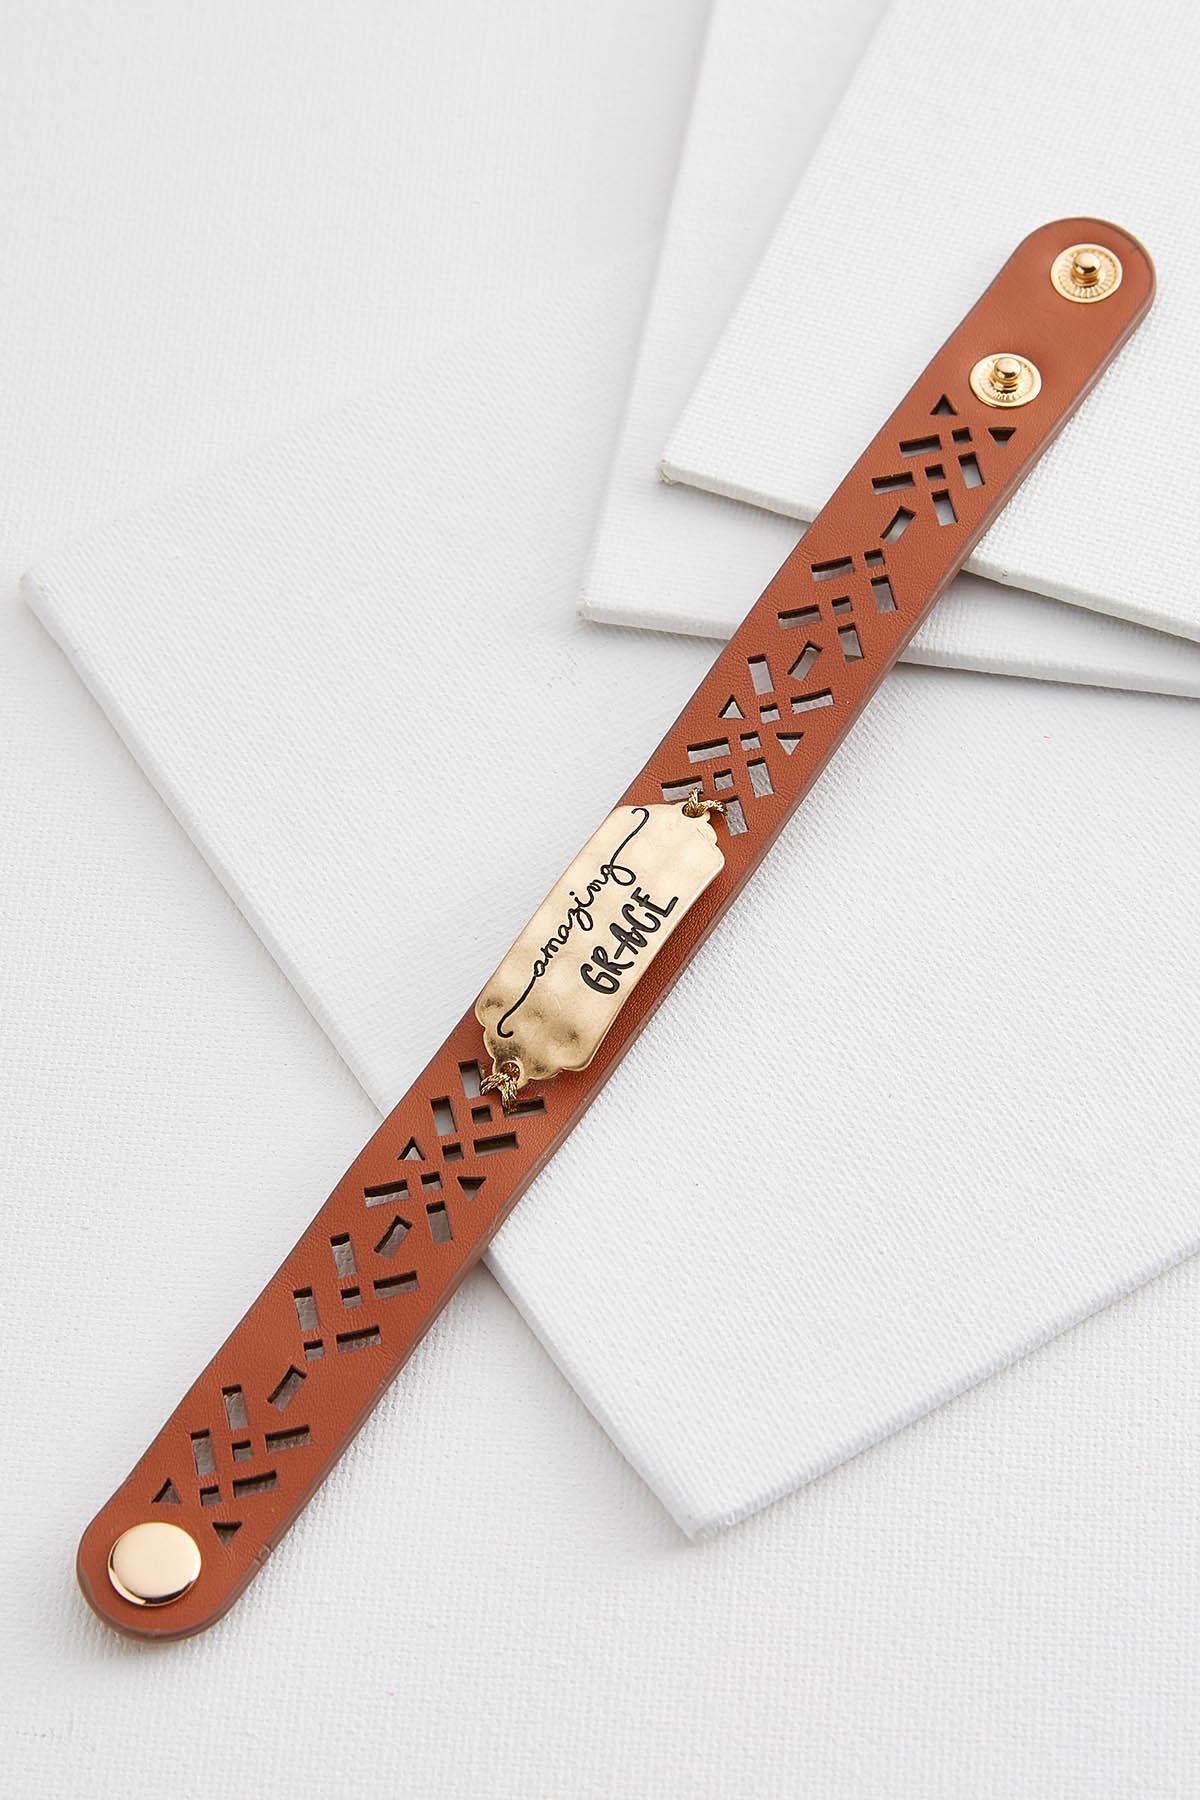 Amazing Grace Snap Bracelet